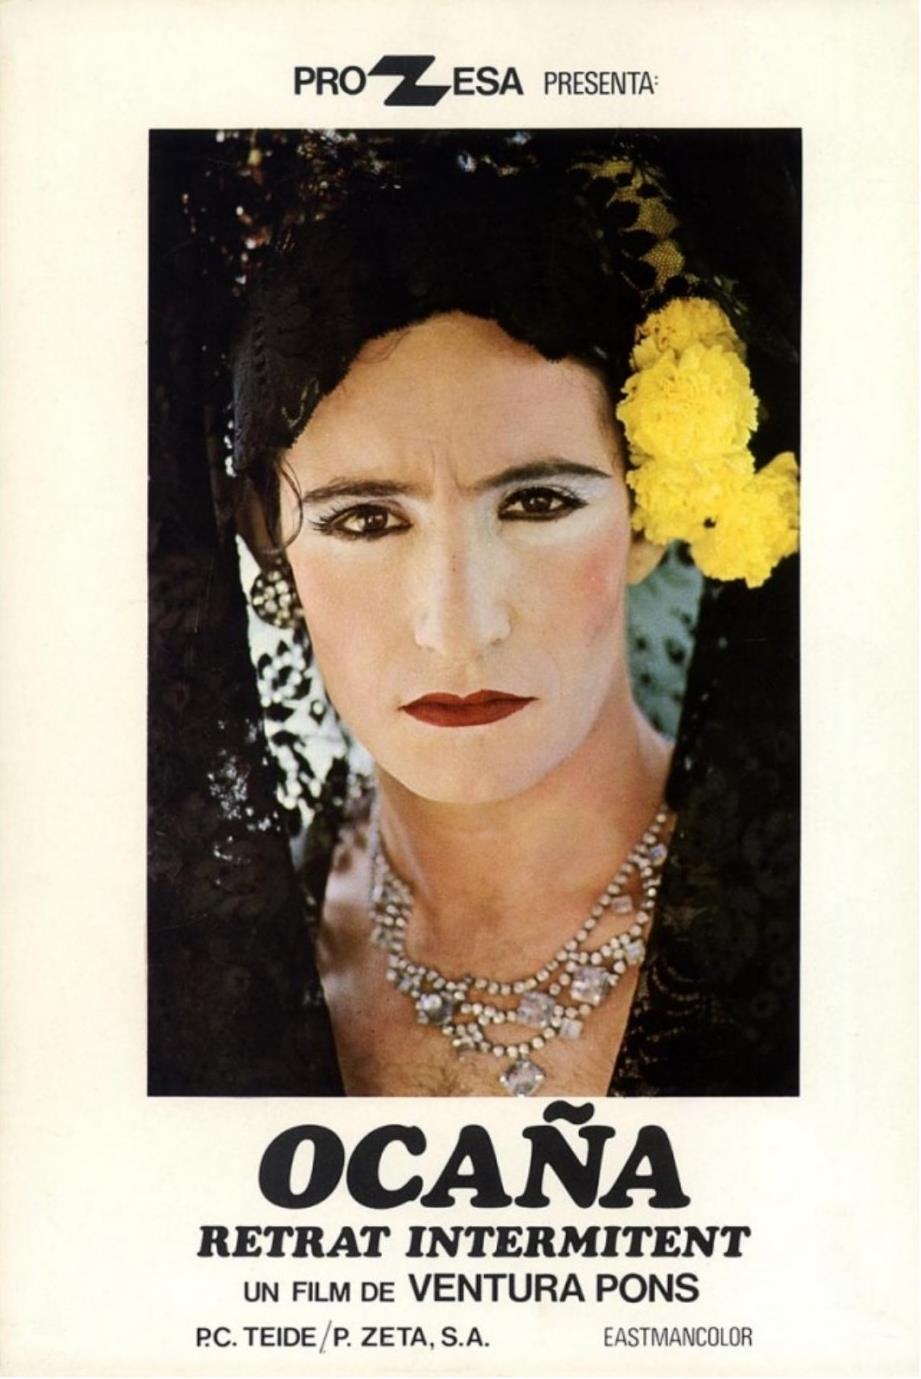 Ocaña, retrat intermitent de Ventura Pons (1978)